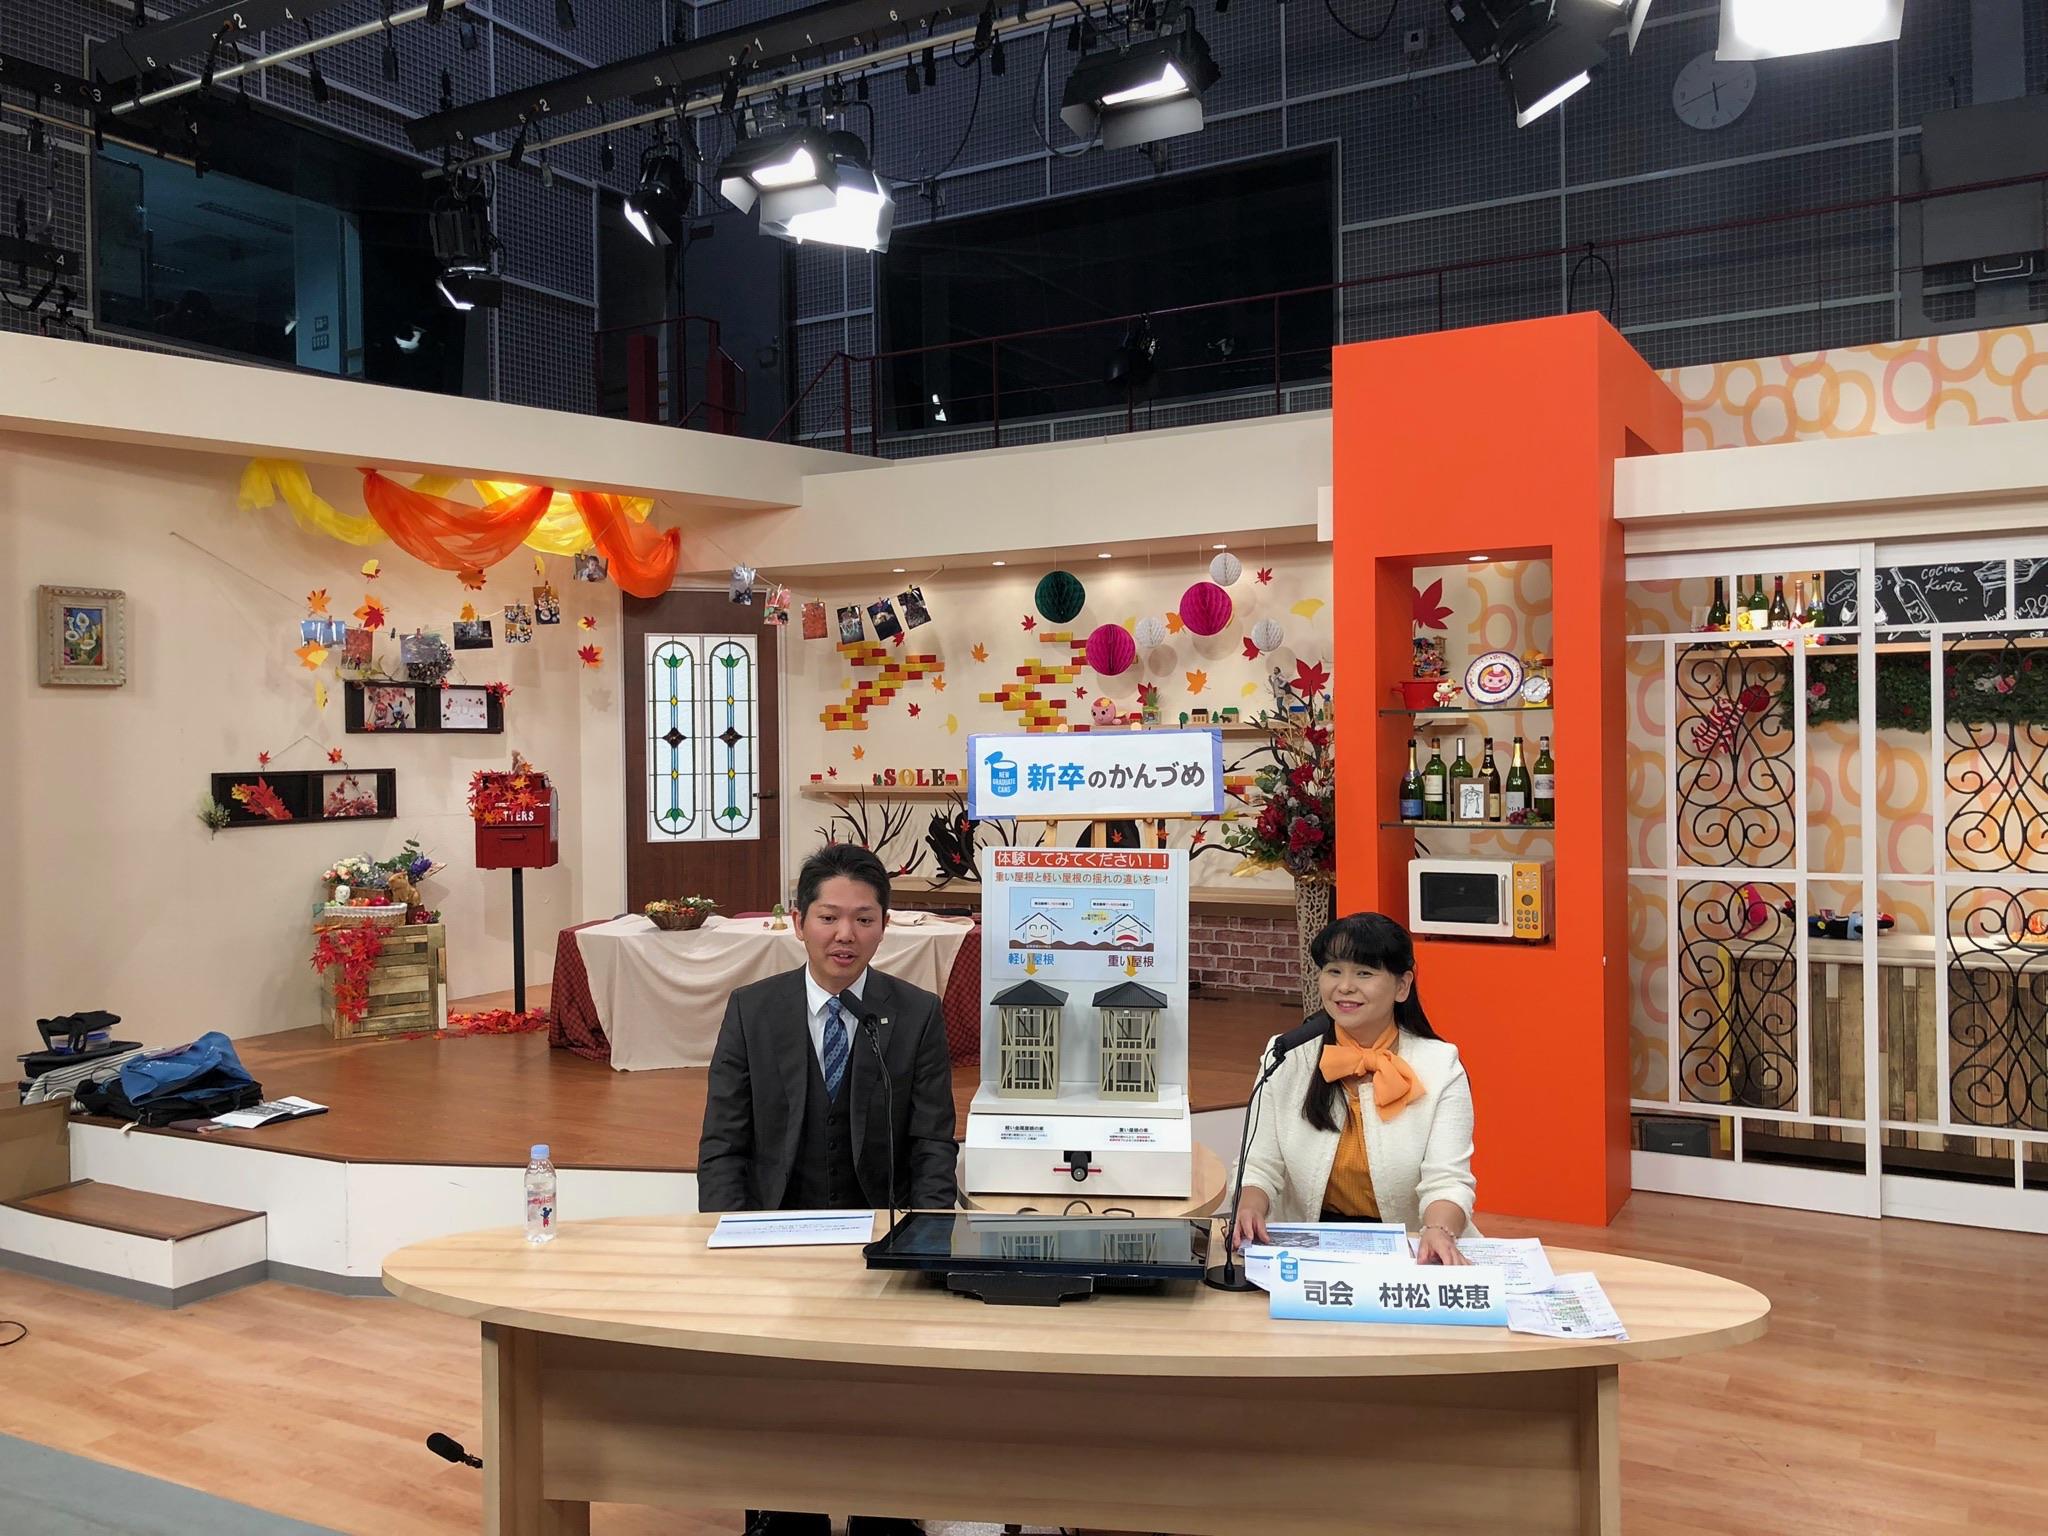 当社社長出演!静岡新聞「新卒のかんづめ 就活WEBセミナー」がオンデマンド配信されました!